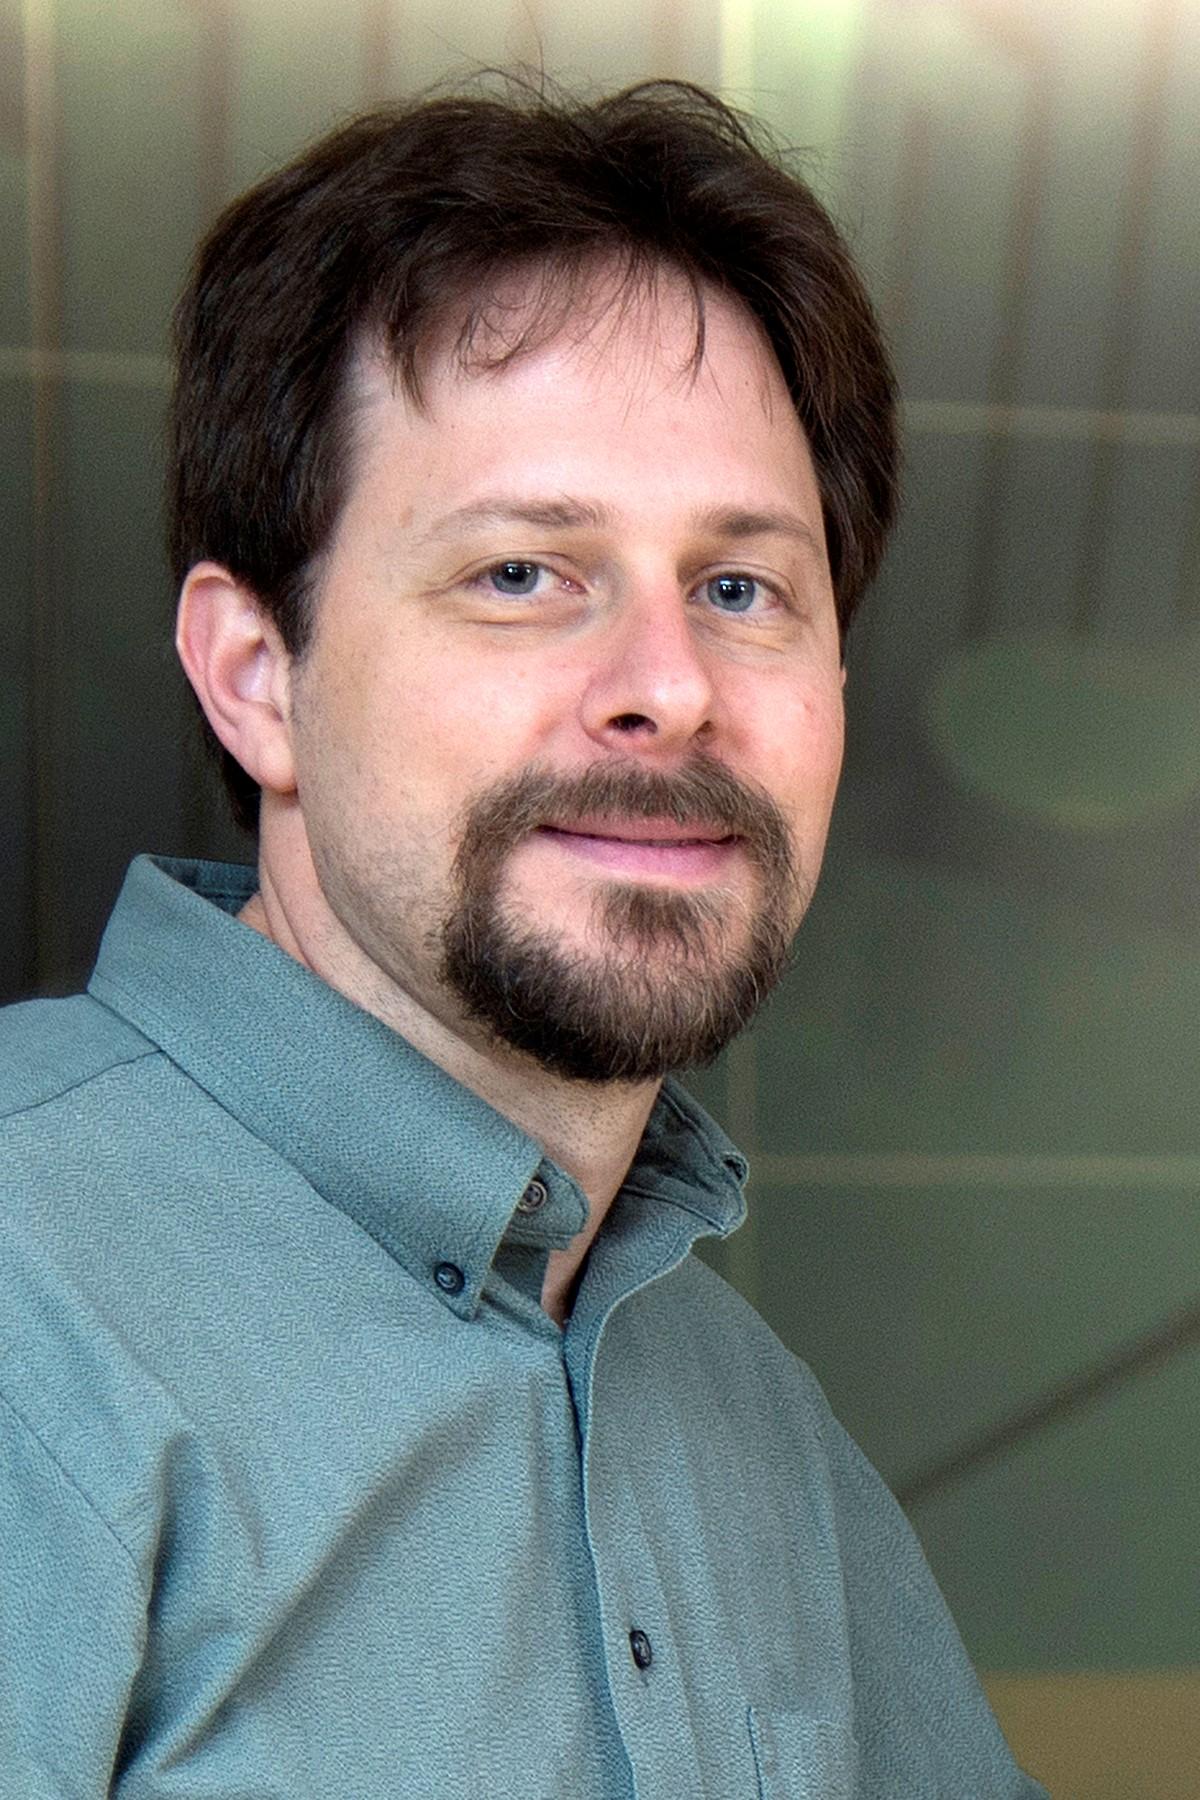 Michael Fosmire